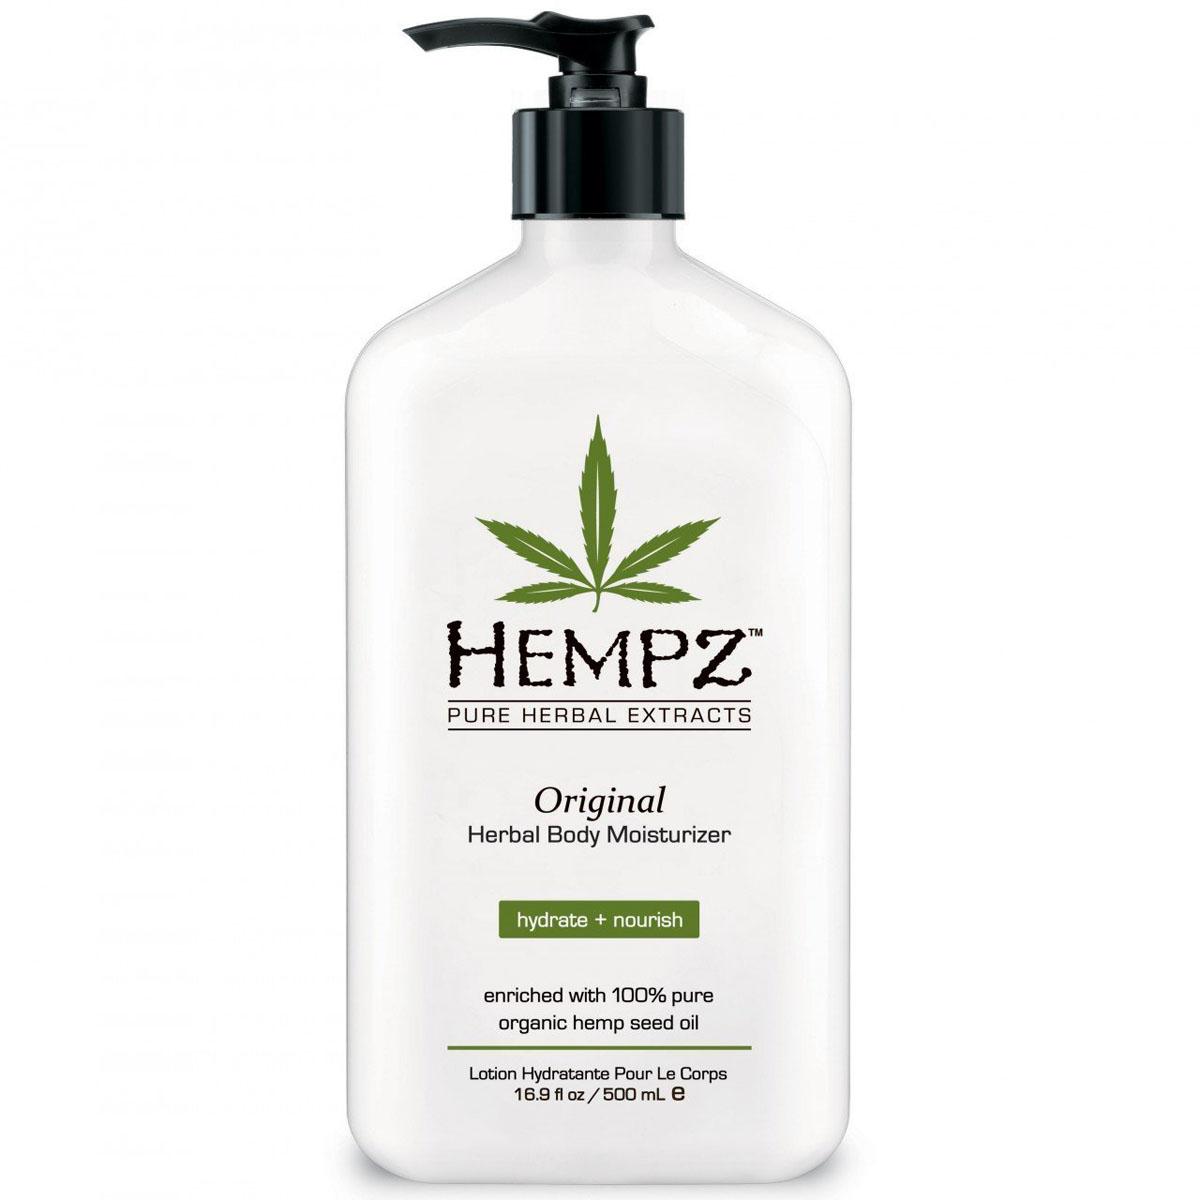 Hempz Молочко для тела увлажняющее Оригинальное Original Herbal Moisturizer 500 млFS-00897Фрмула на основе масла и экстракта семян конопли, масла дерева ши и экстракта корня женьшеня повышает тонус кожи, успокаивает и смягчает. Витамины А, С и Е нейтрализуют агрессивное воздействие окружающей среды, а так же способствуют разглаживанию мелких морщин, защищают кожу от разрушительного действия свободных радикалов. Аромат: Свежий цветочный и Банан